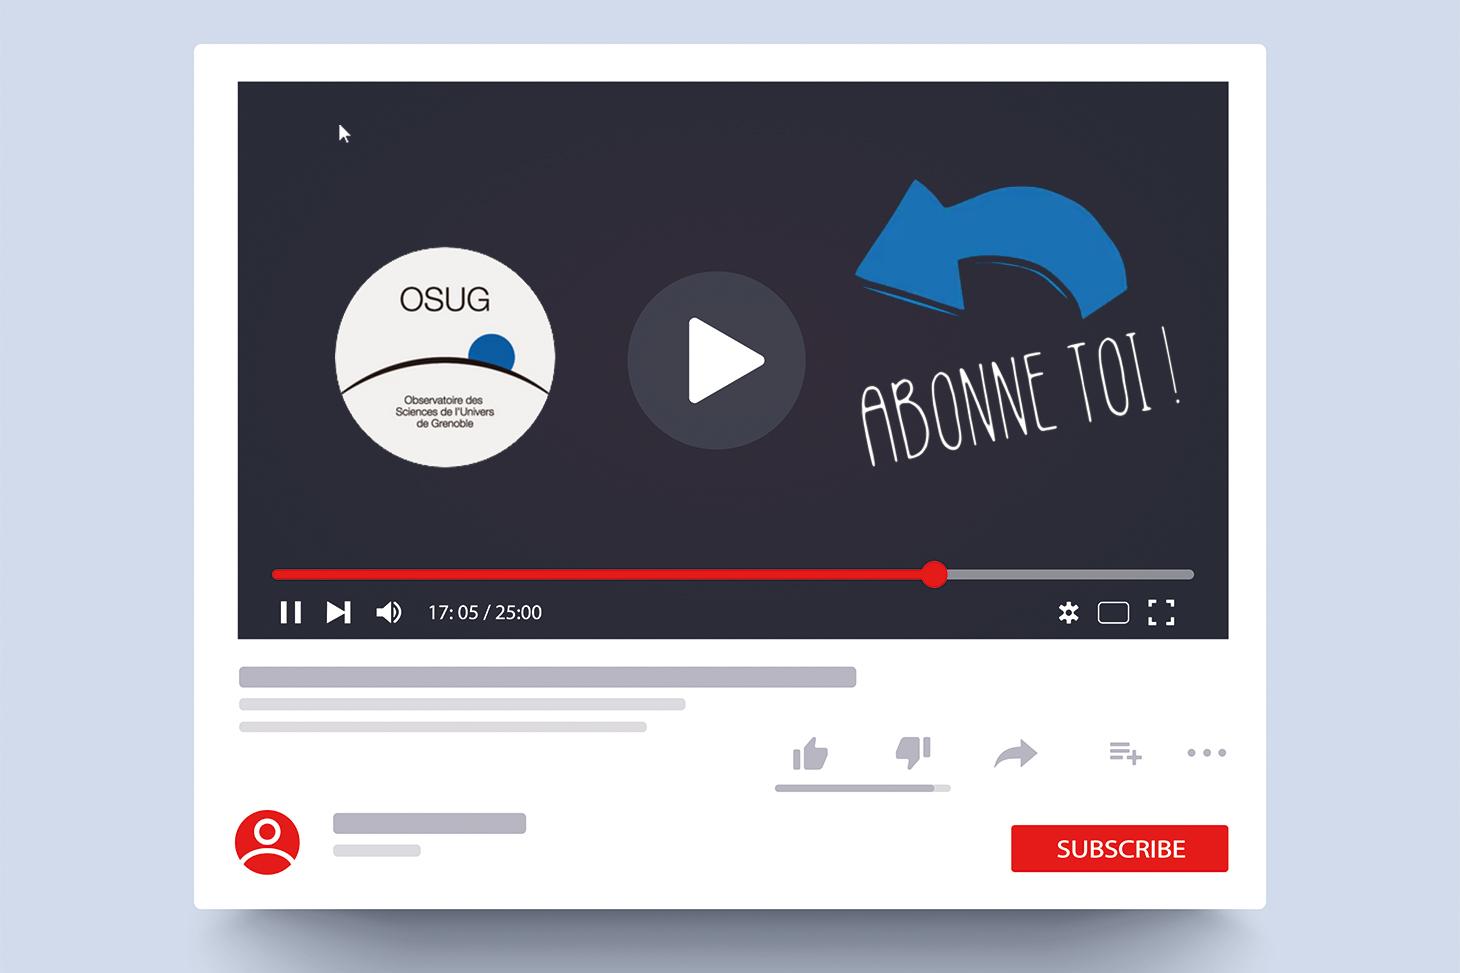 Découvrez Flash, la nouvelle série vidéo de l'OSUG !